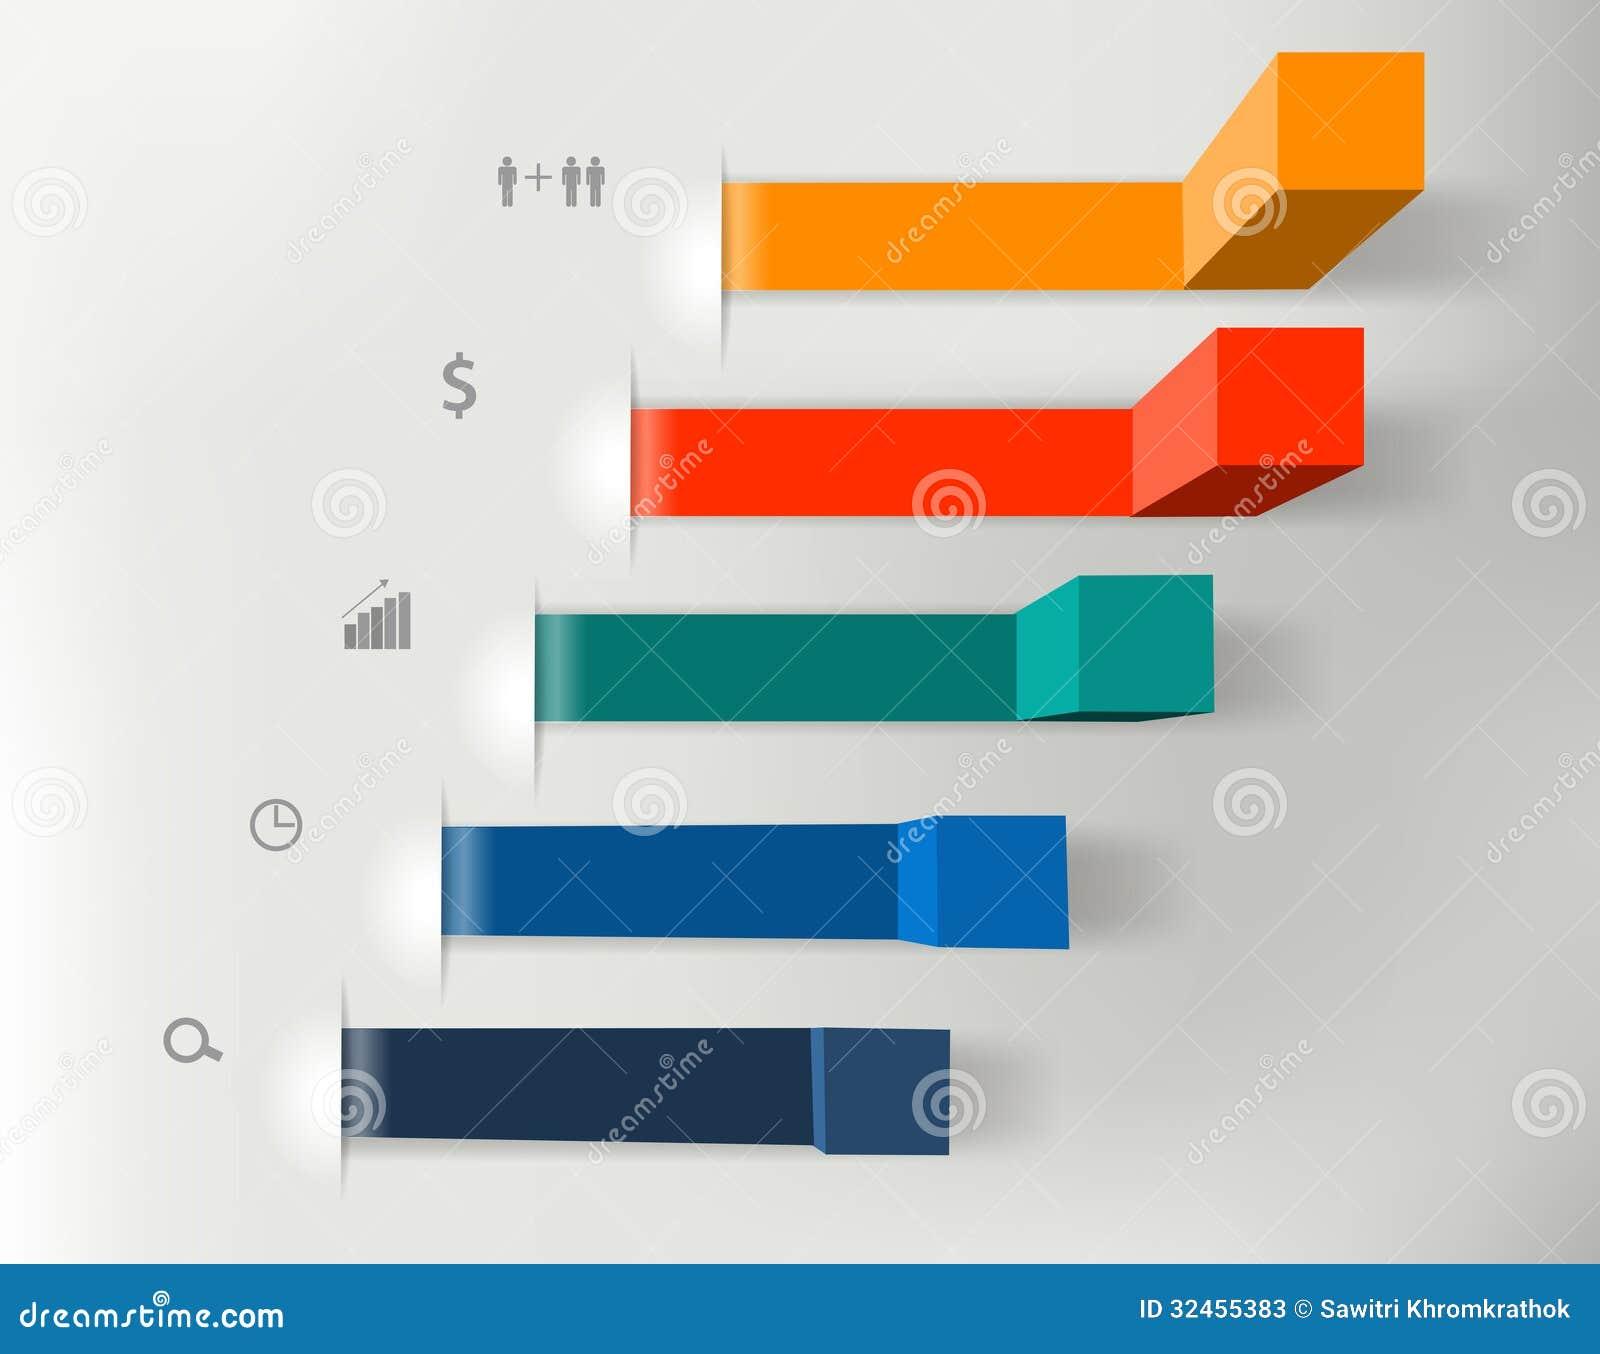 Διανυσματικά σύγχρονα επιχειρησιακά βήματα στα διαγράμματα επιτυχίας και